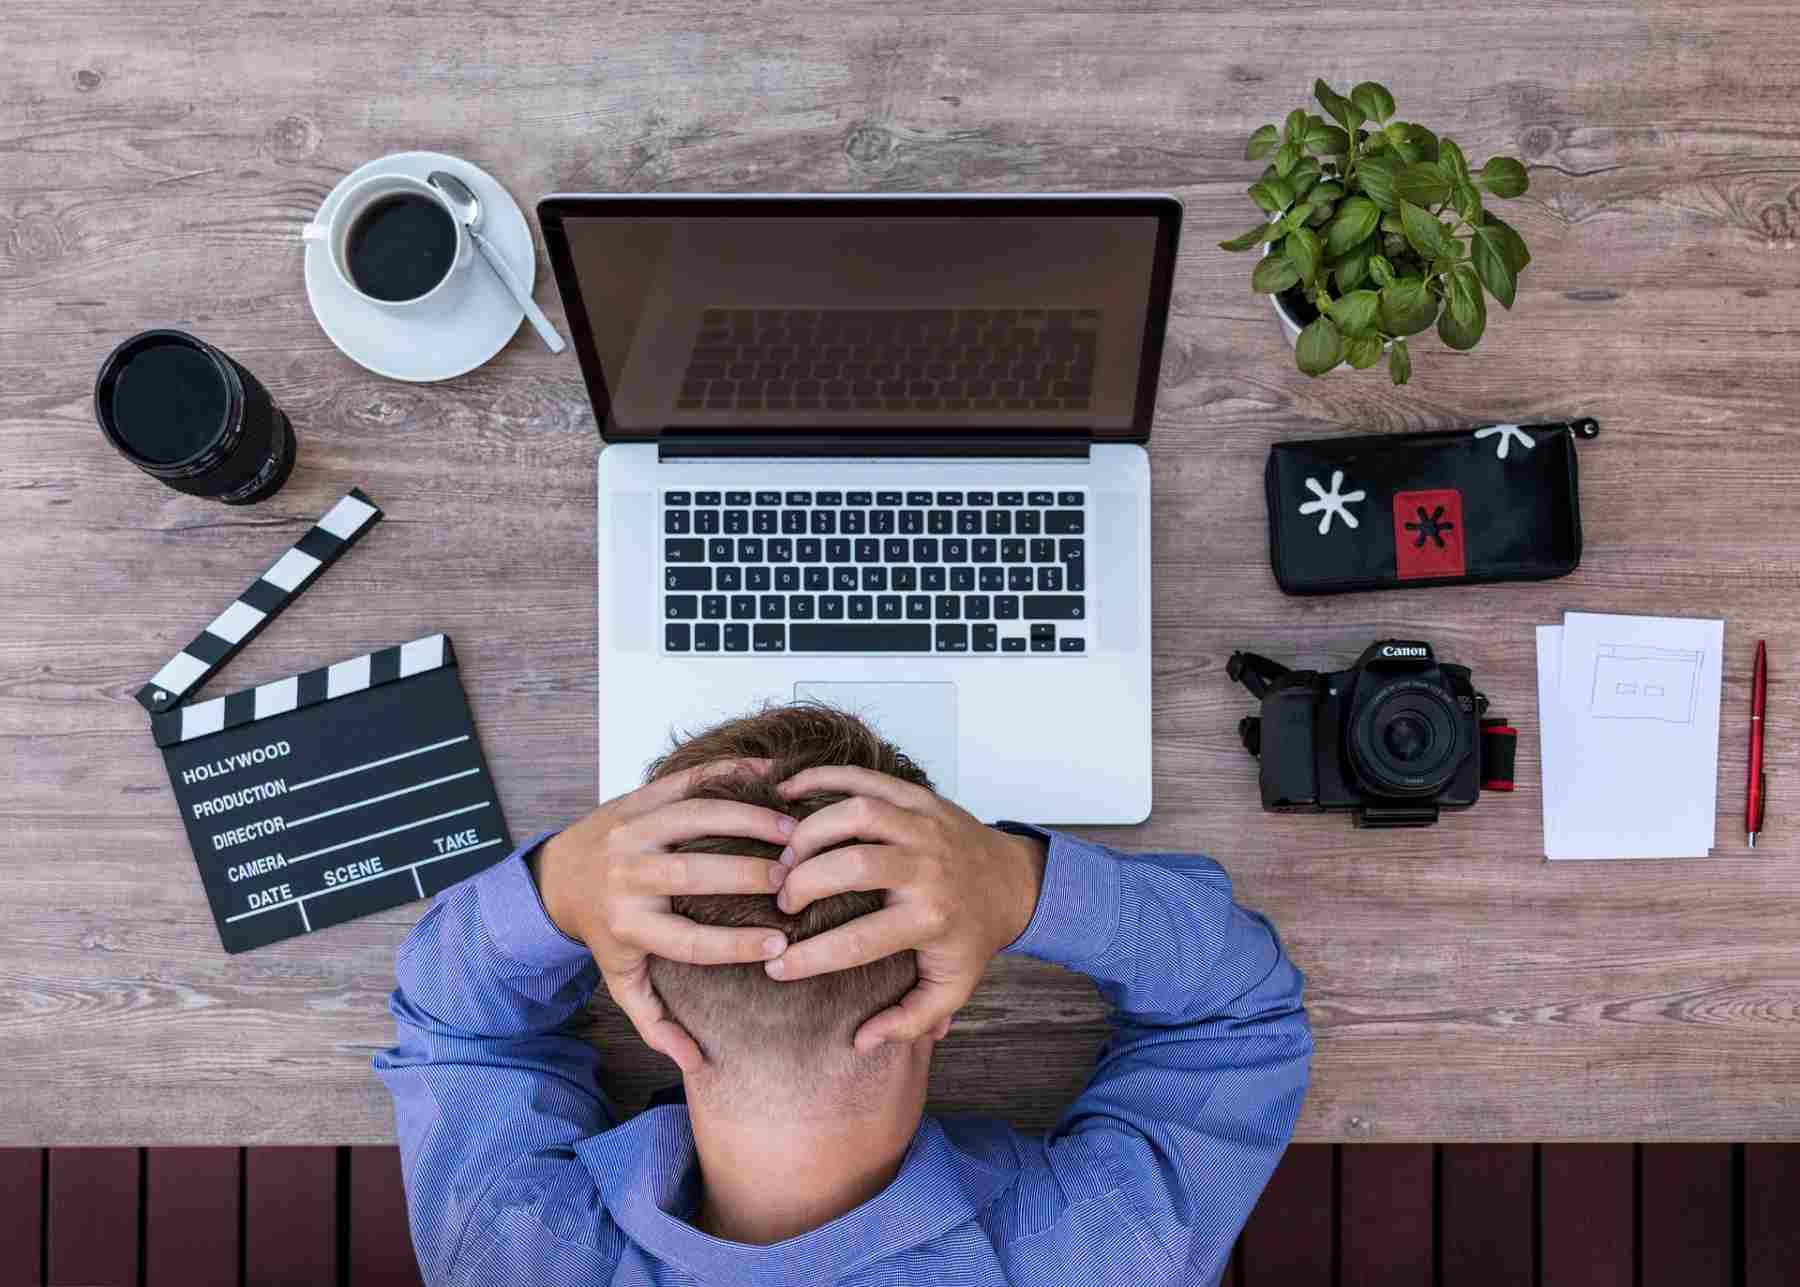 Tipps gegen Haarausfall | Stress als Auslöser für Haarausfall | Digitalarbeiter hält sich verzweifelt den Kopf vor dem Laptop